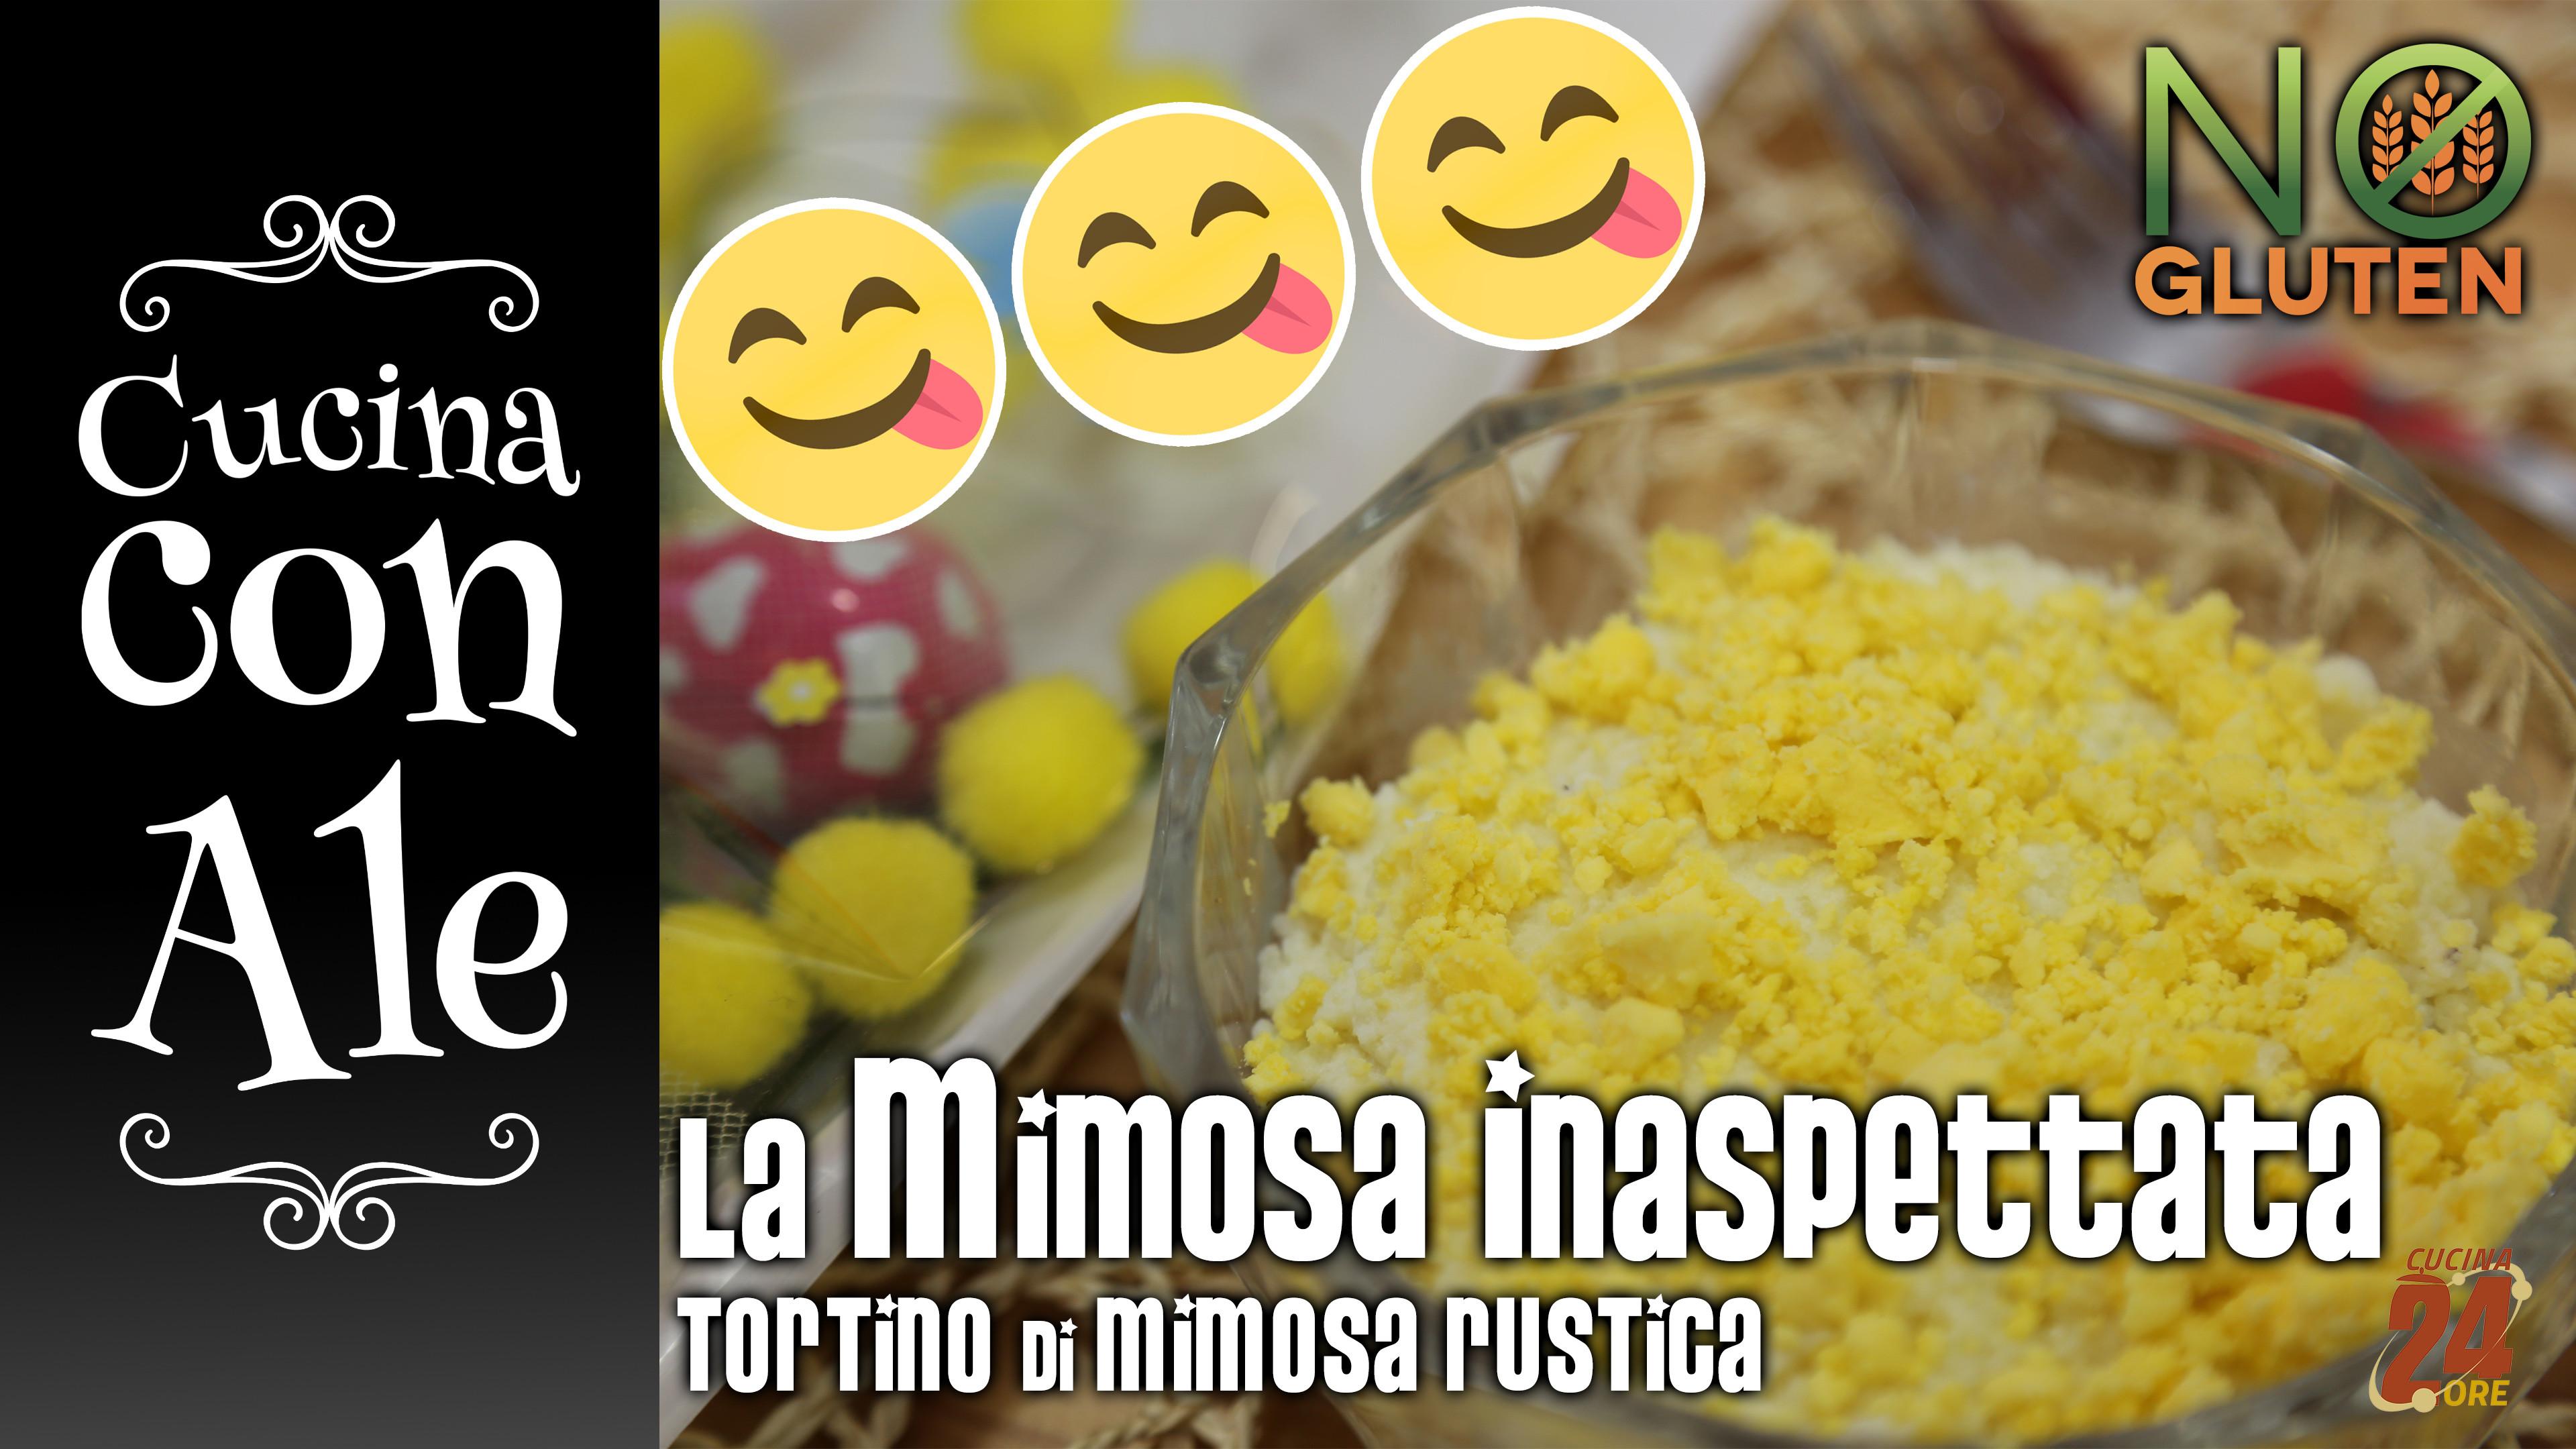 Sorpresone per la Festa delle Donne! La Mimosa Inaspettata. Il tortino di Mimosa rustica